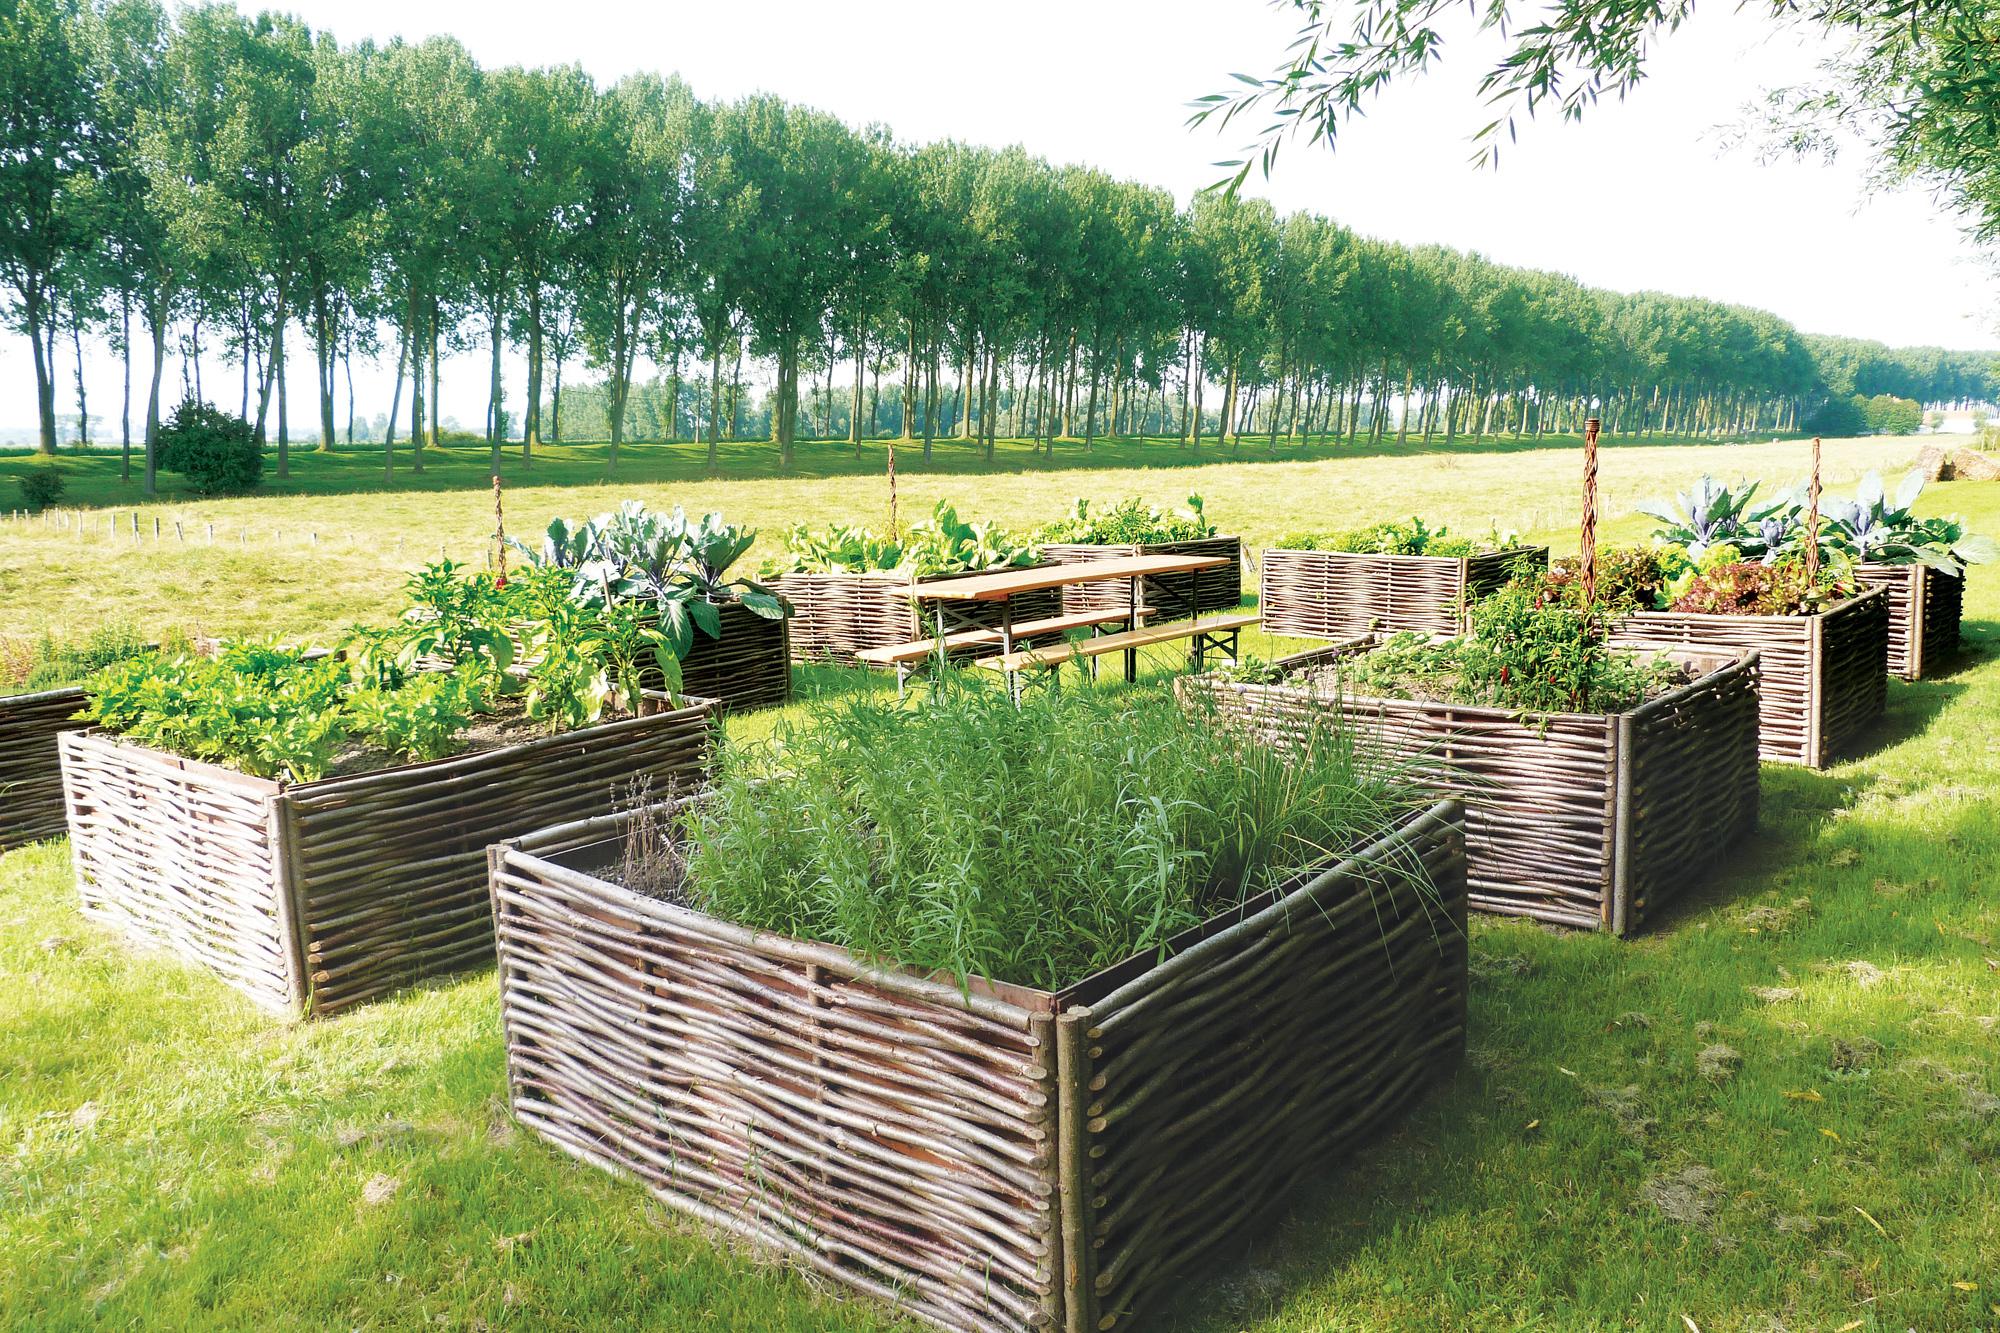 Vierkante Meter Tuin : Moestuinbakken kopen vierkante meter tuin tuincentrum de molen